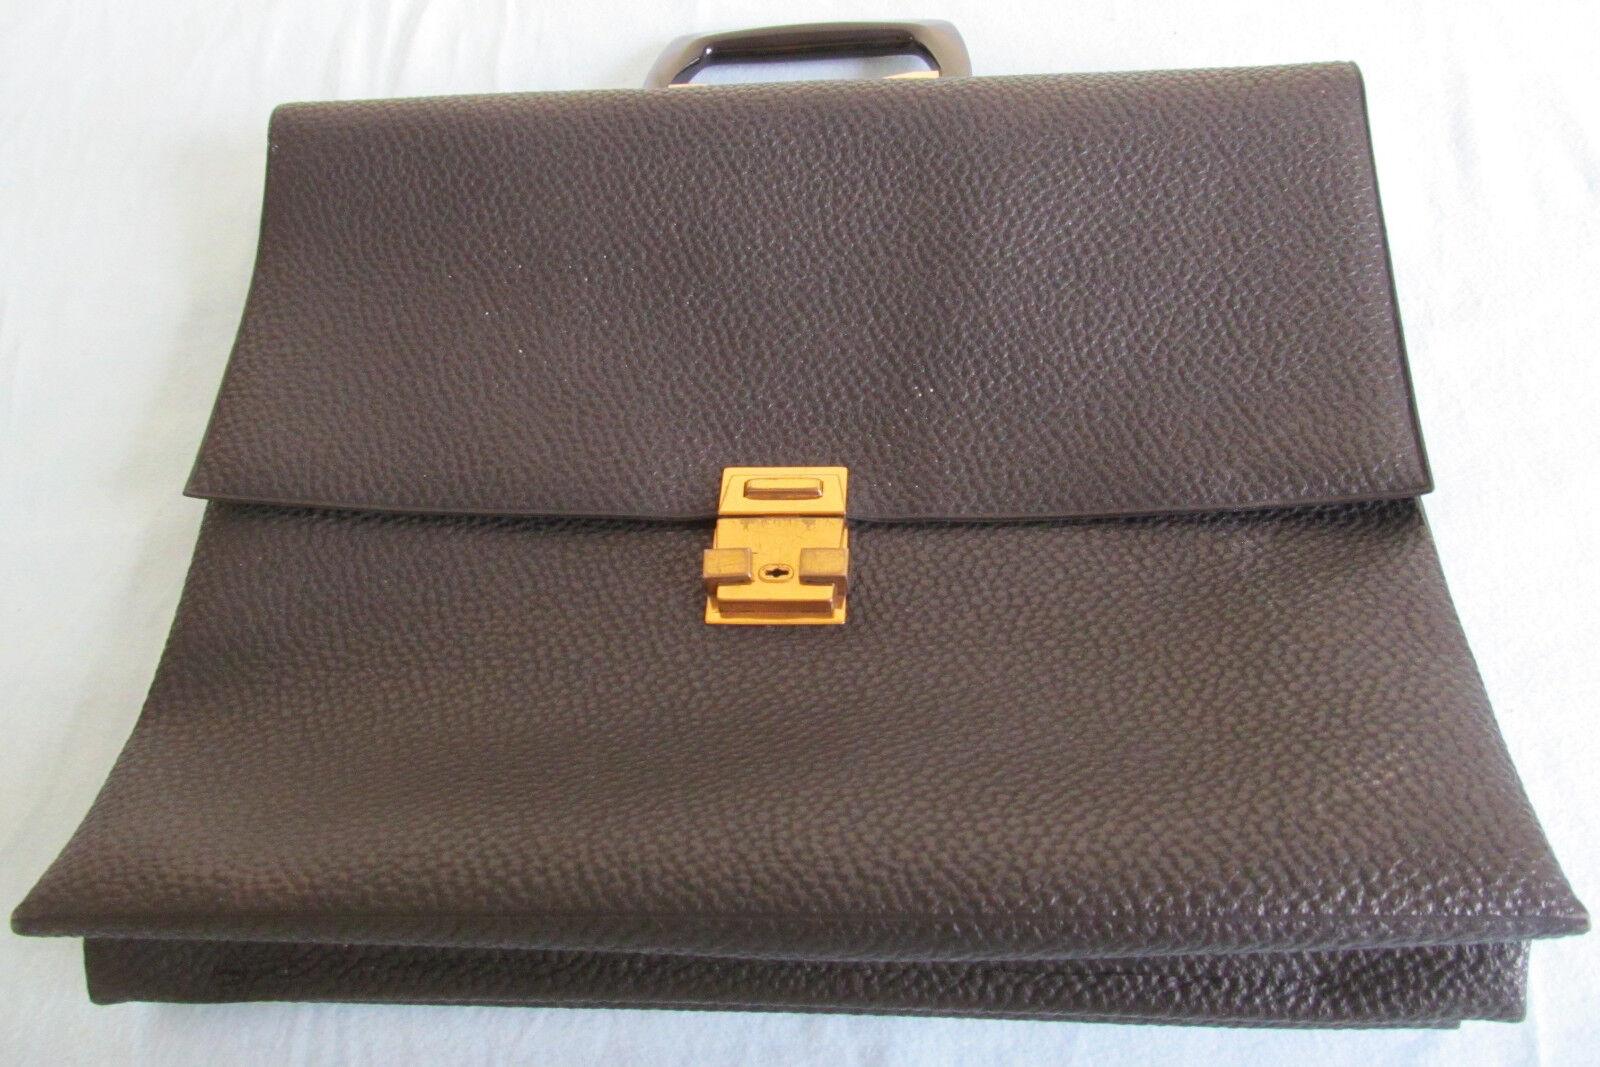 Aktentasche IKA de Luxe  schwarz  gut erhalten  mit Schlüssel  Leder | Exquisite Verarbeitung  | Verschiedene Arten und Stile  | Zuverlässiger Ruf